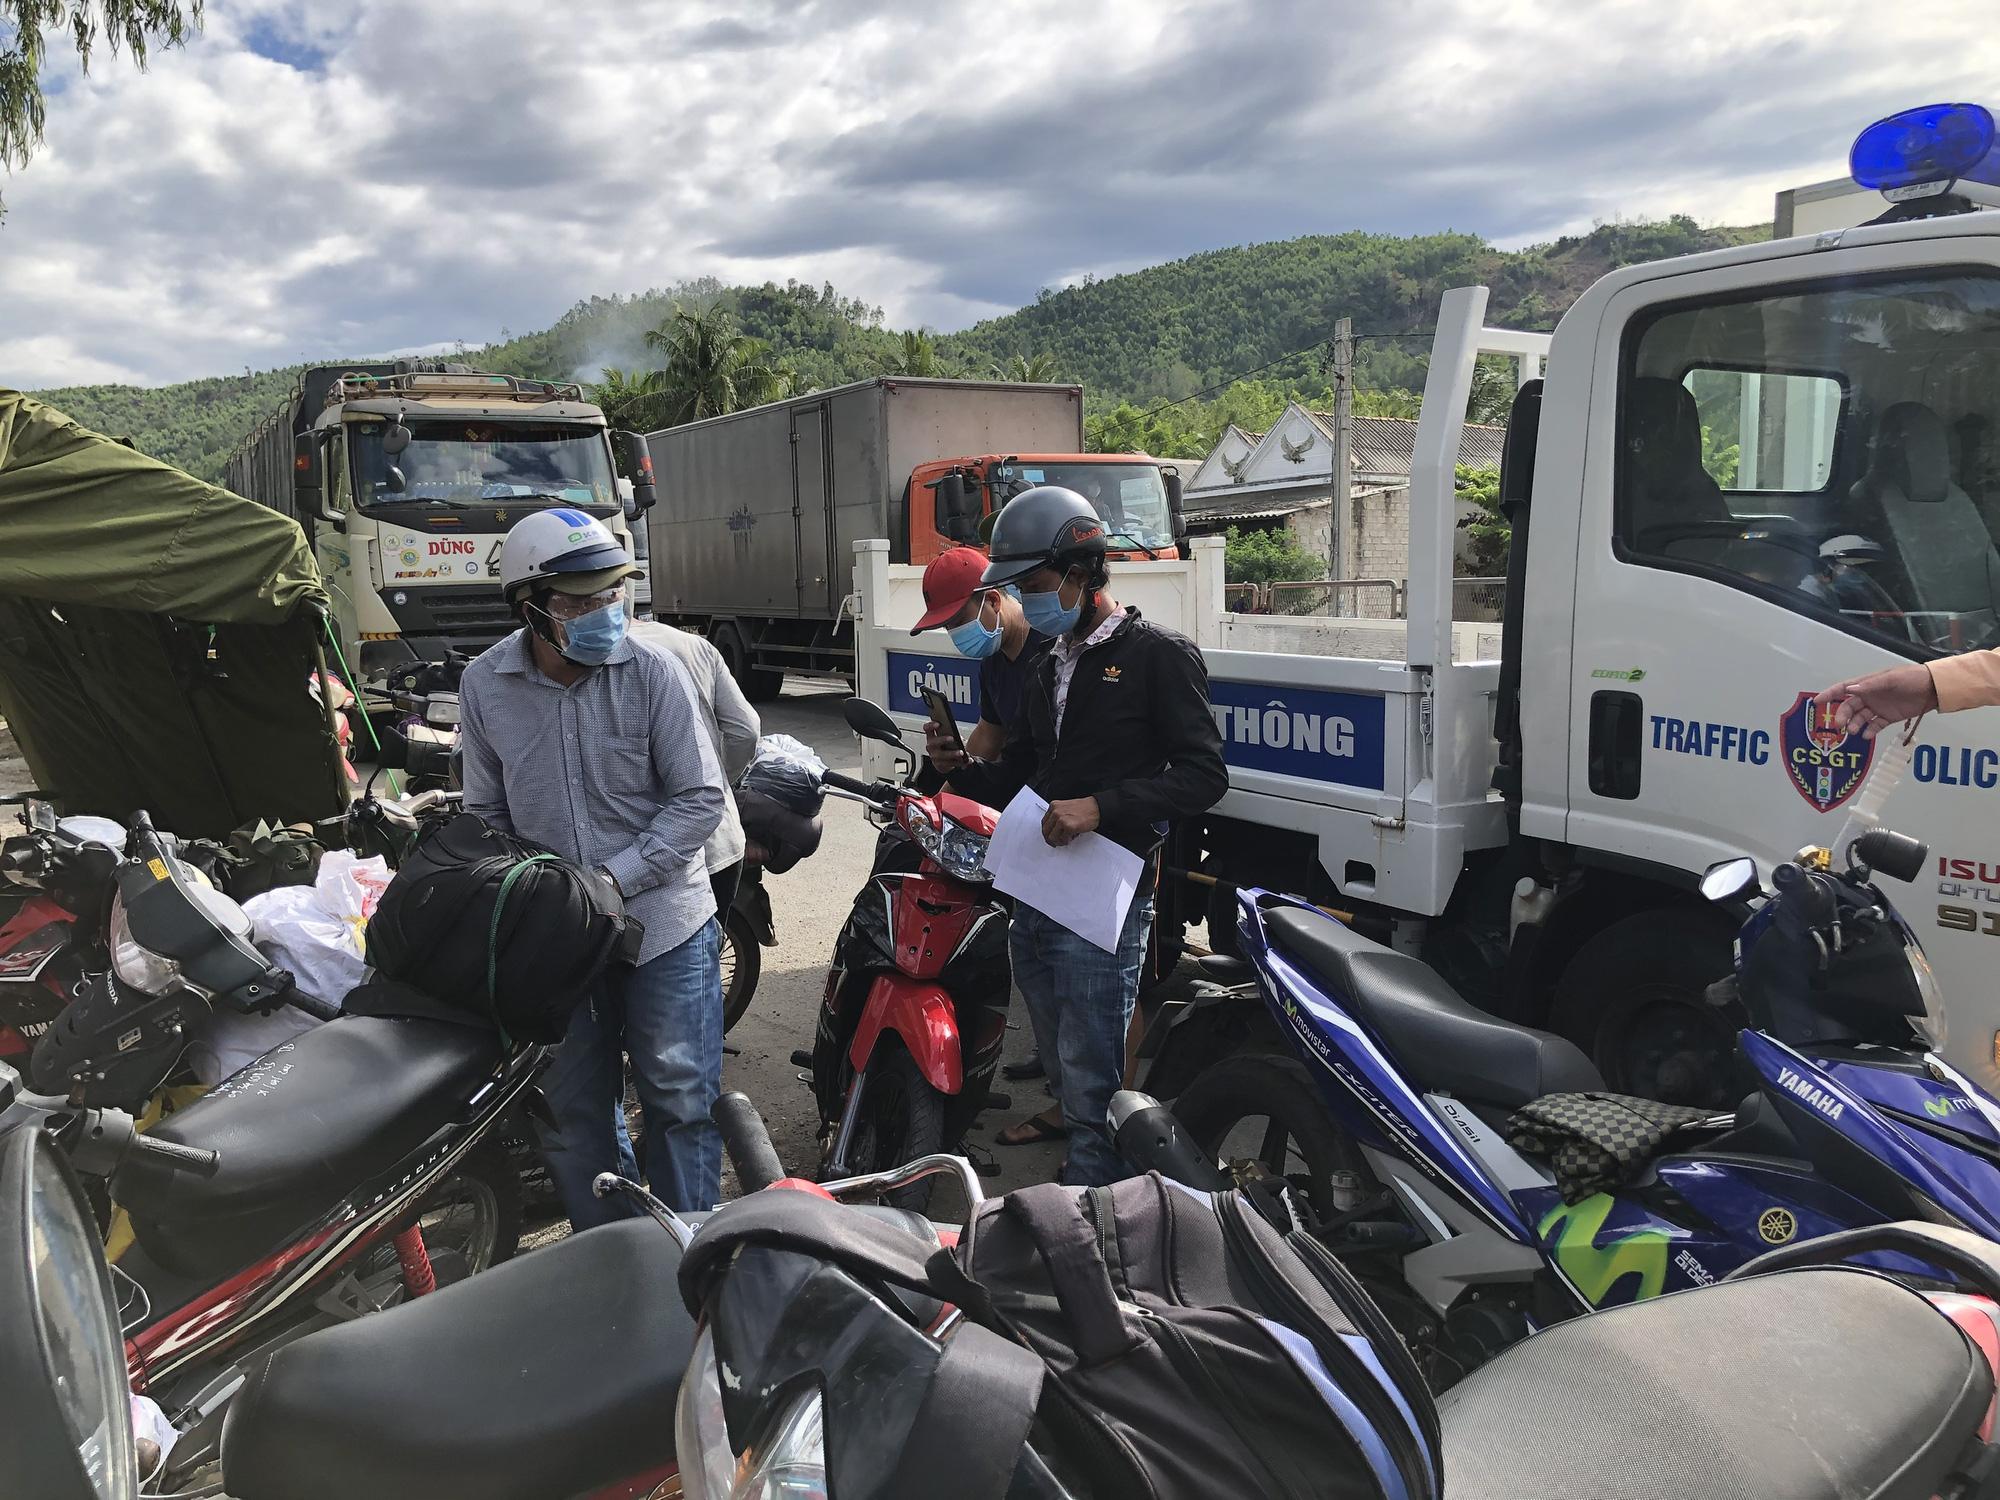 Hàng nghìn người từ TP HCM đổ về quê tránh dịch bằng xe máy - Ảnh 2.